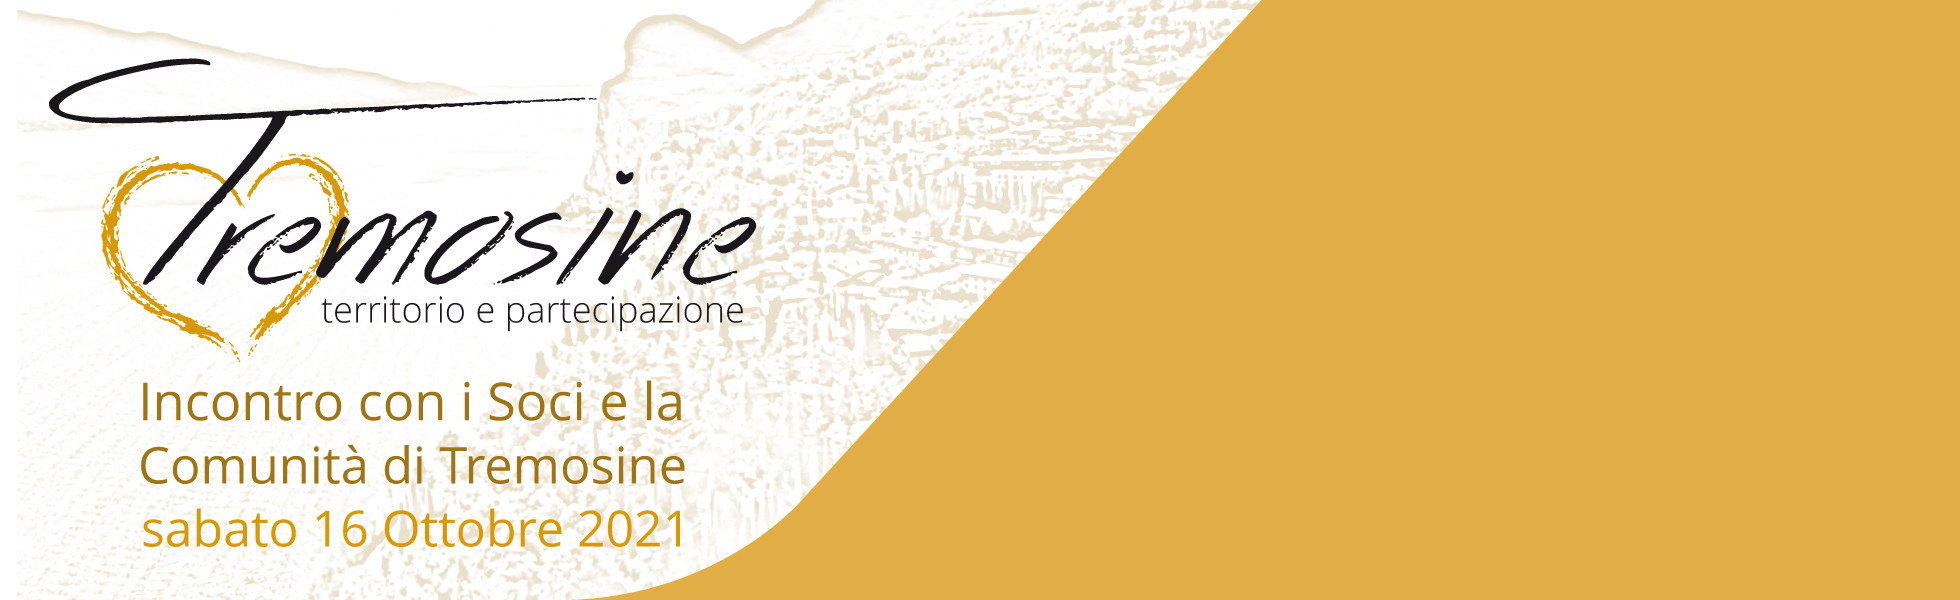 banner-sito-Tremosine